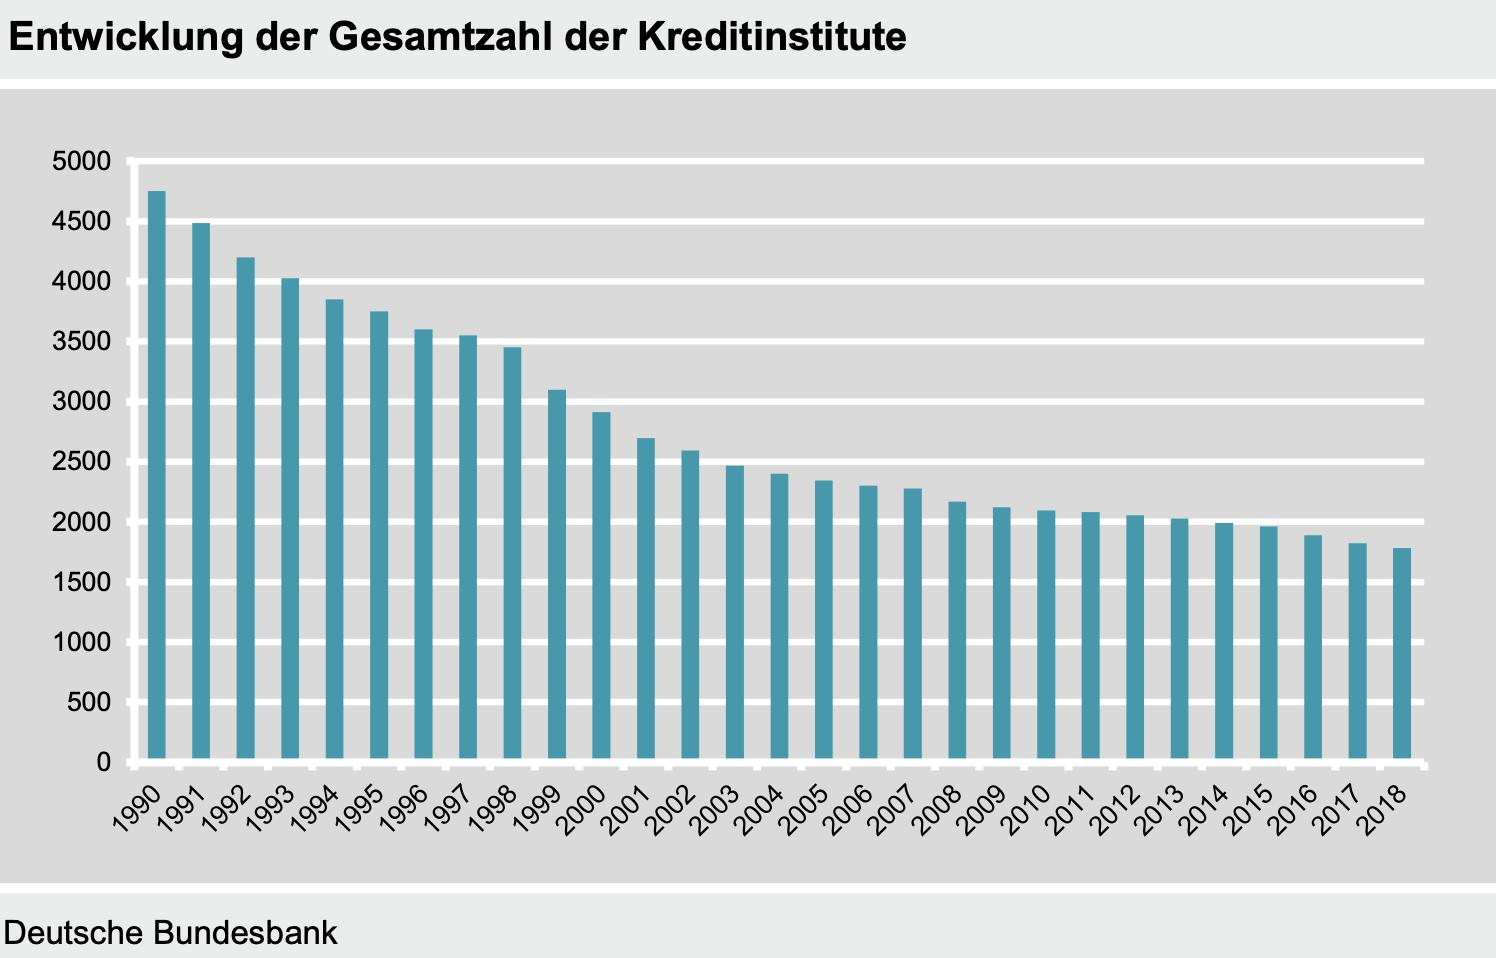 Anzahl der Banken in Deutschland seit 1990